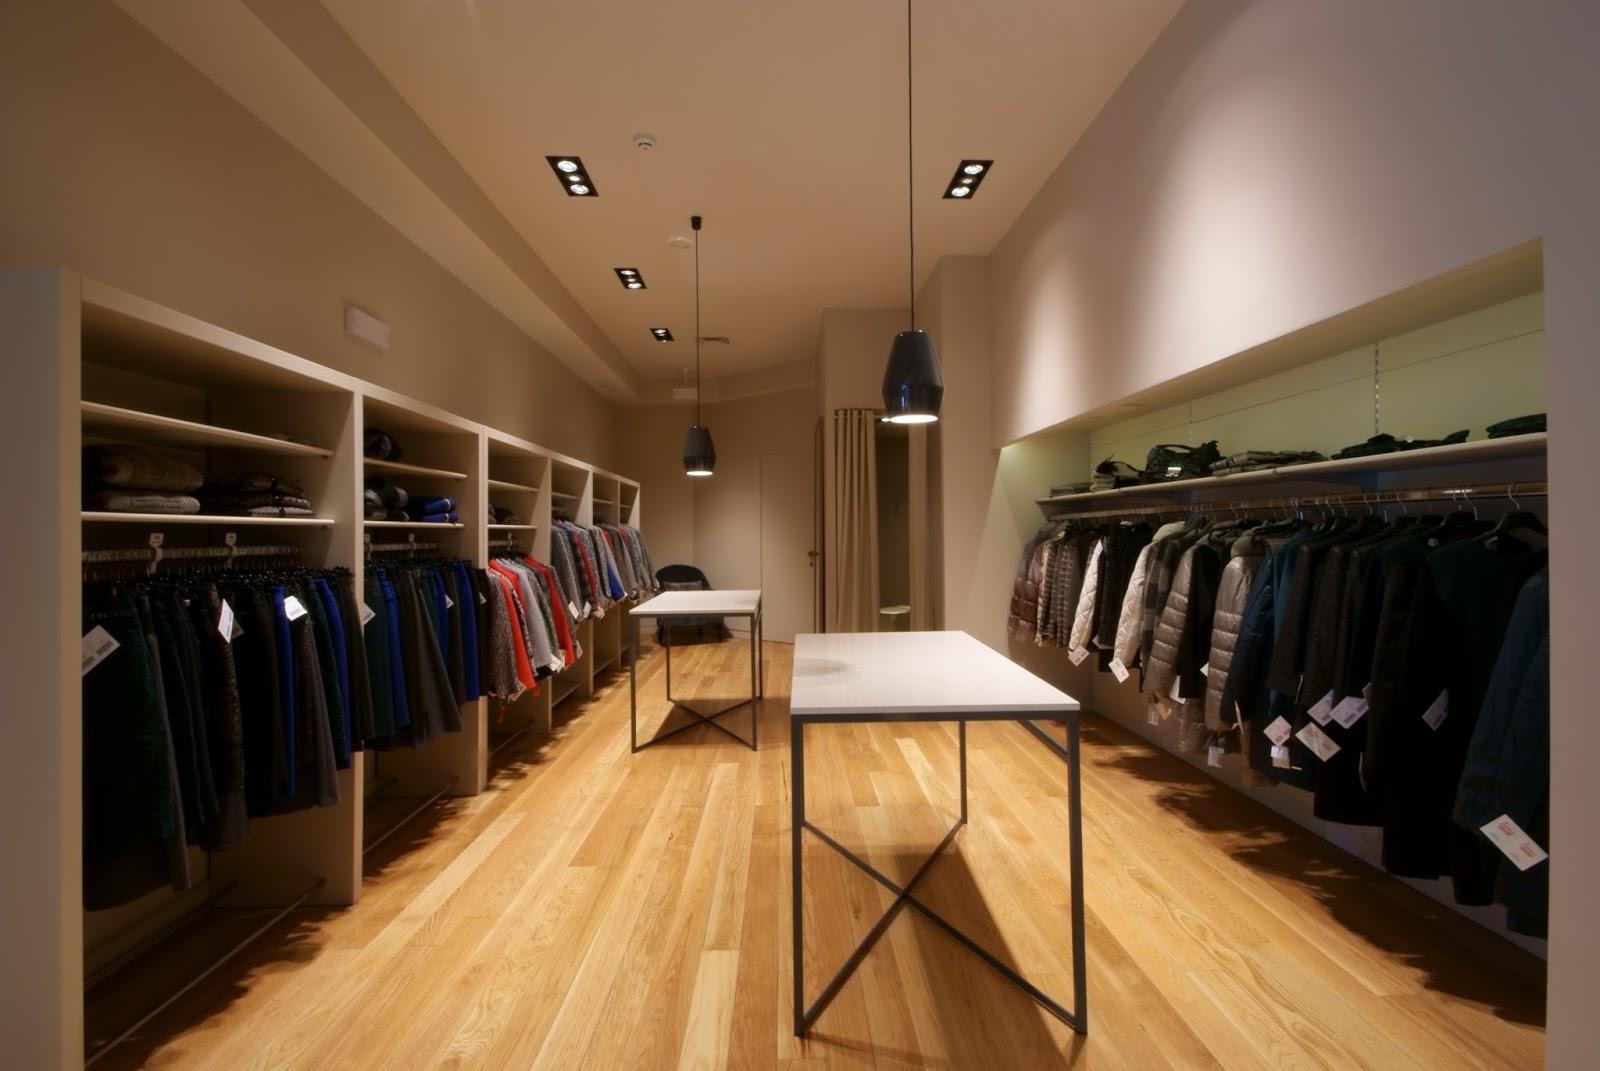 Ferraz Store